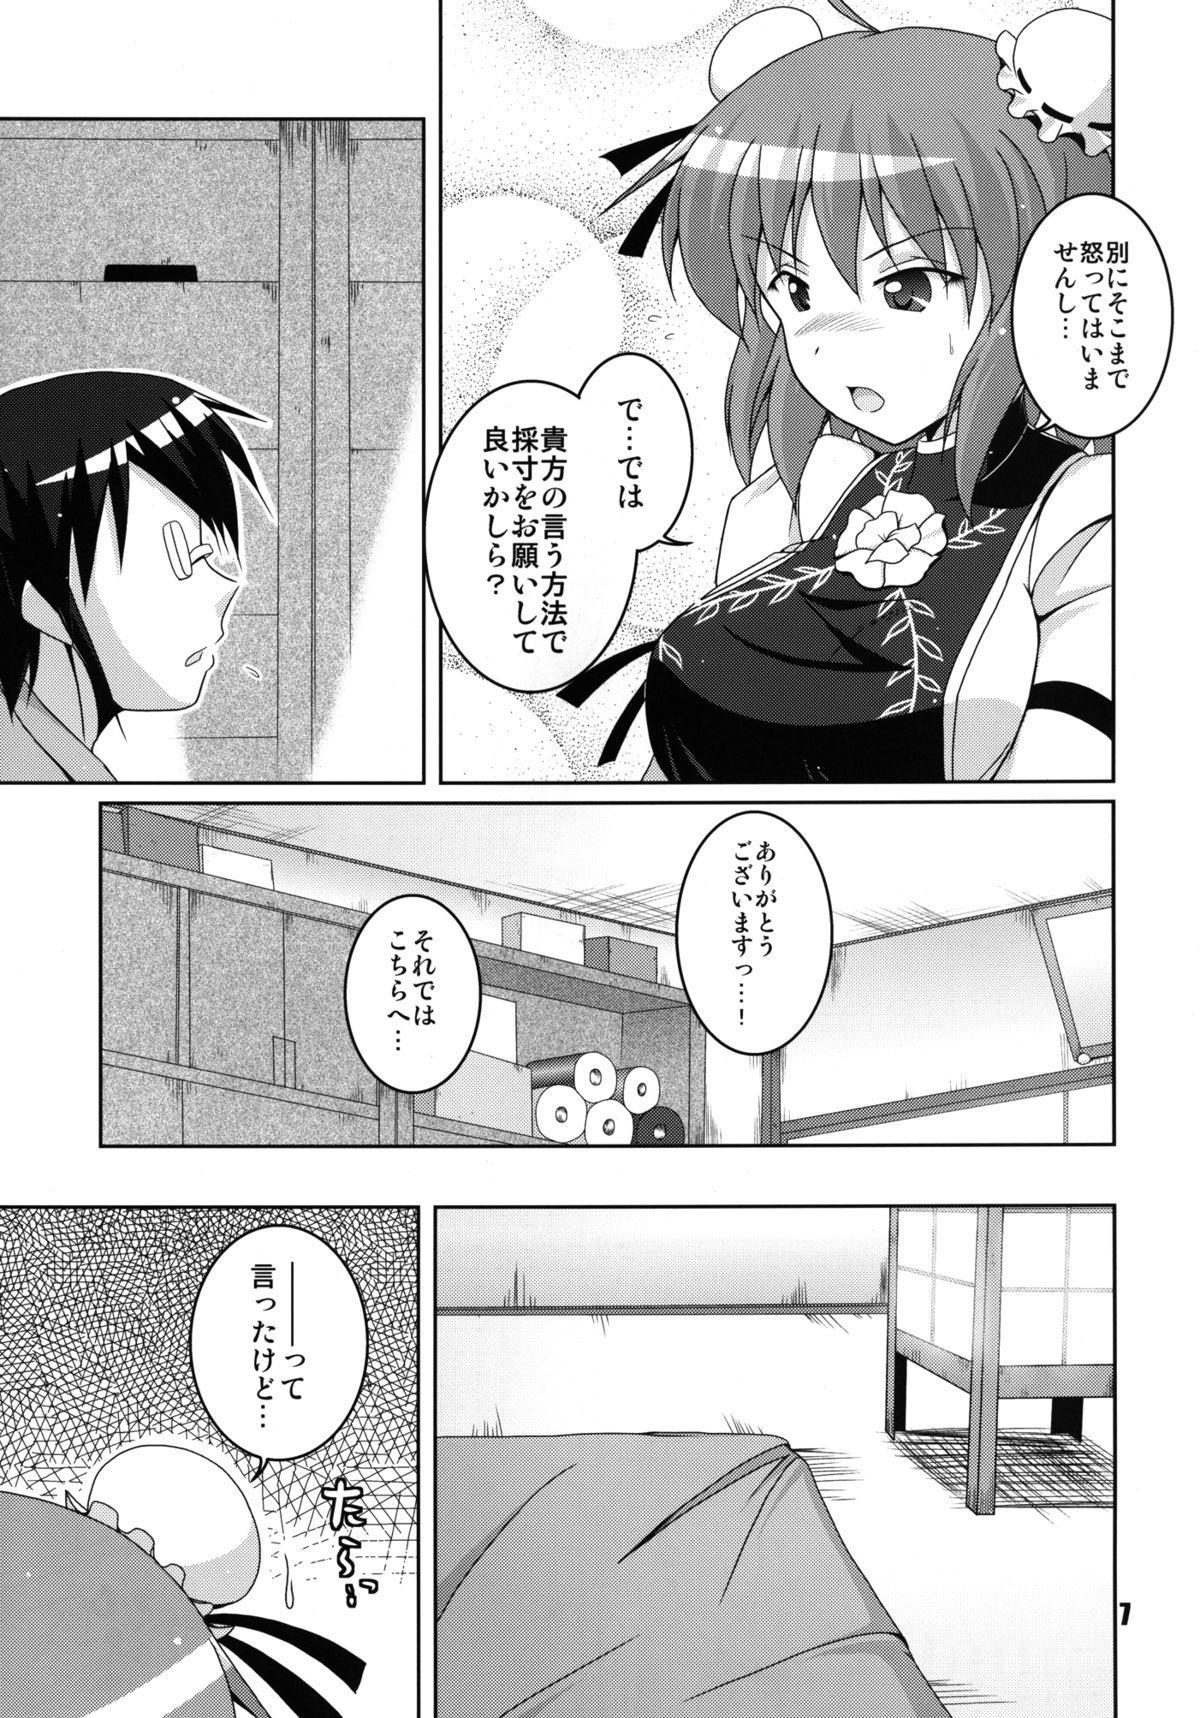 Kataude Sennin Saisun Shimasho! 6